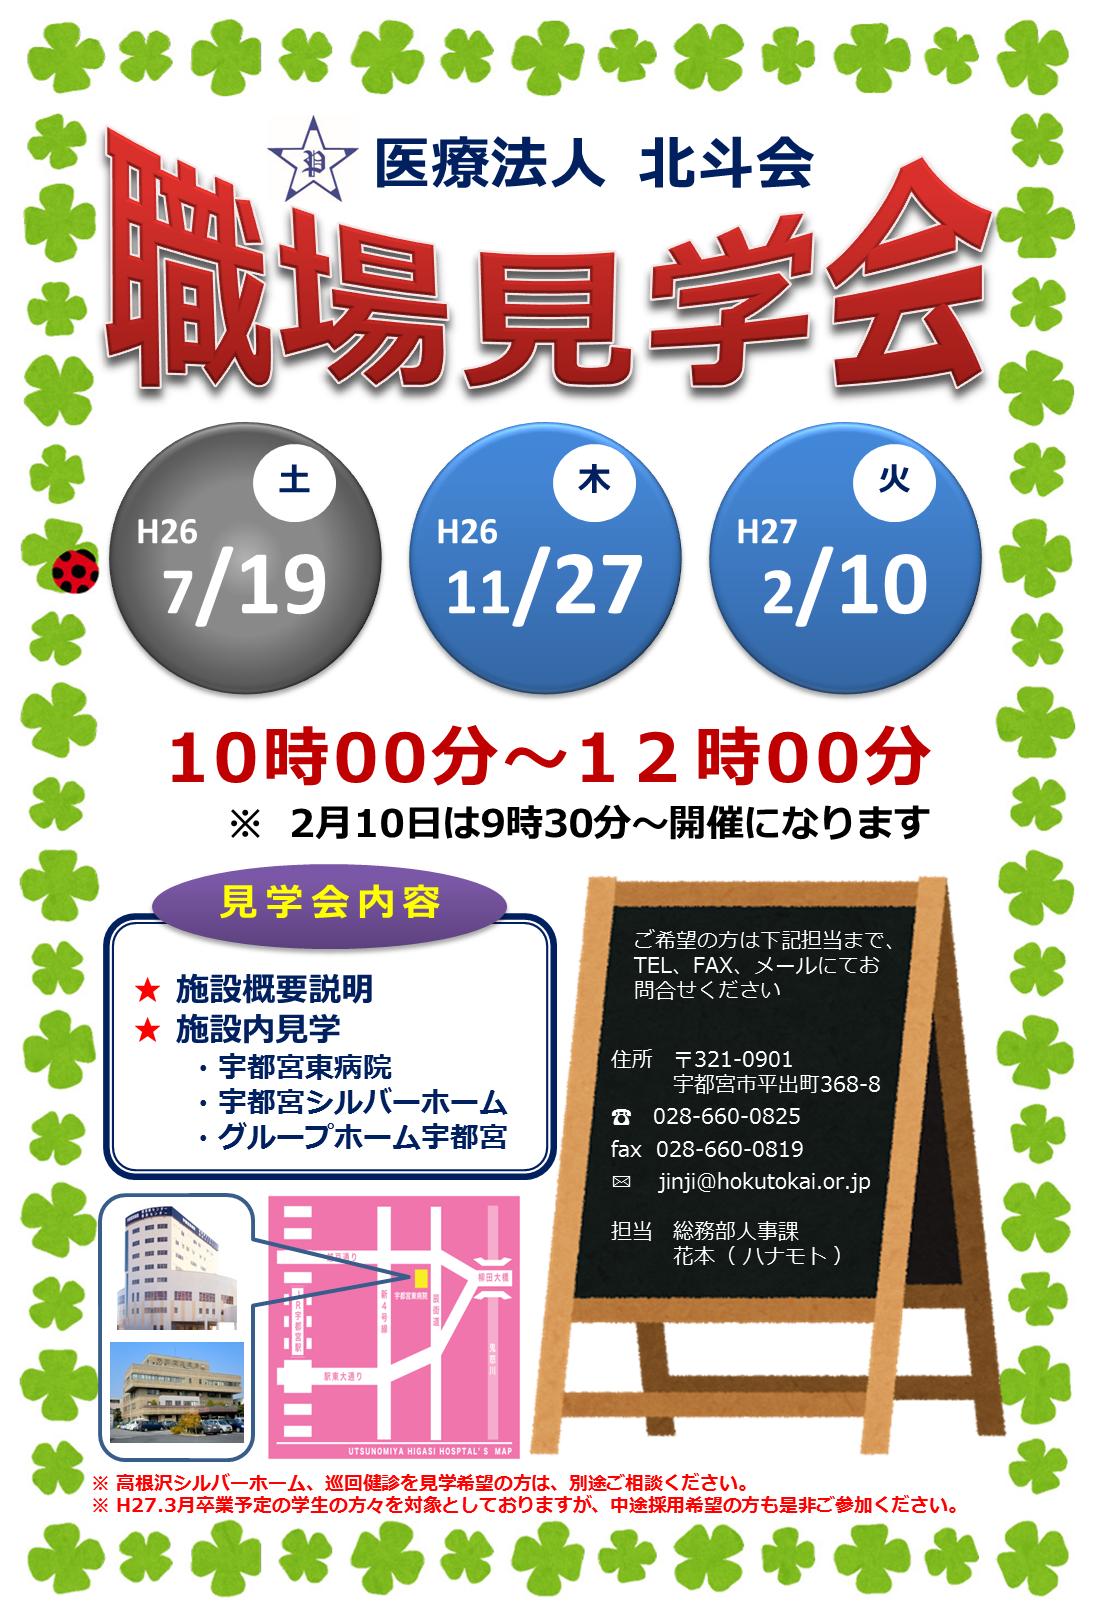 職場見学会(141127).png 医療法人 北斗会